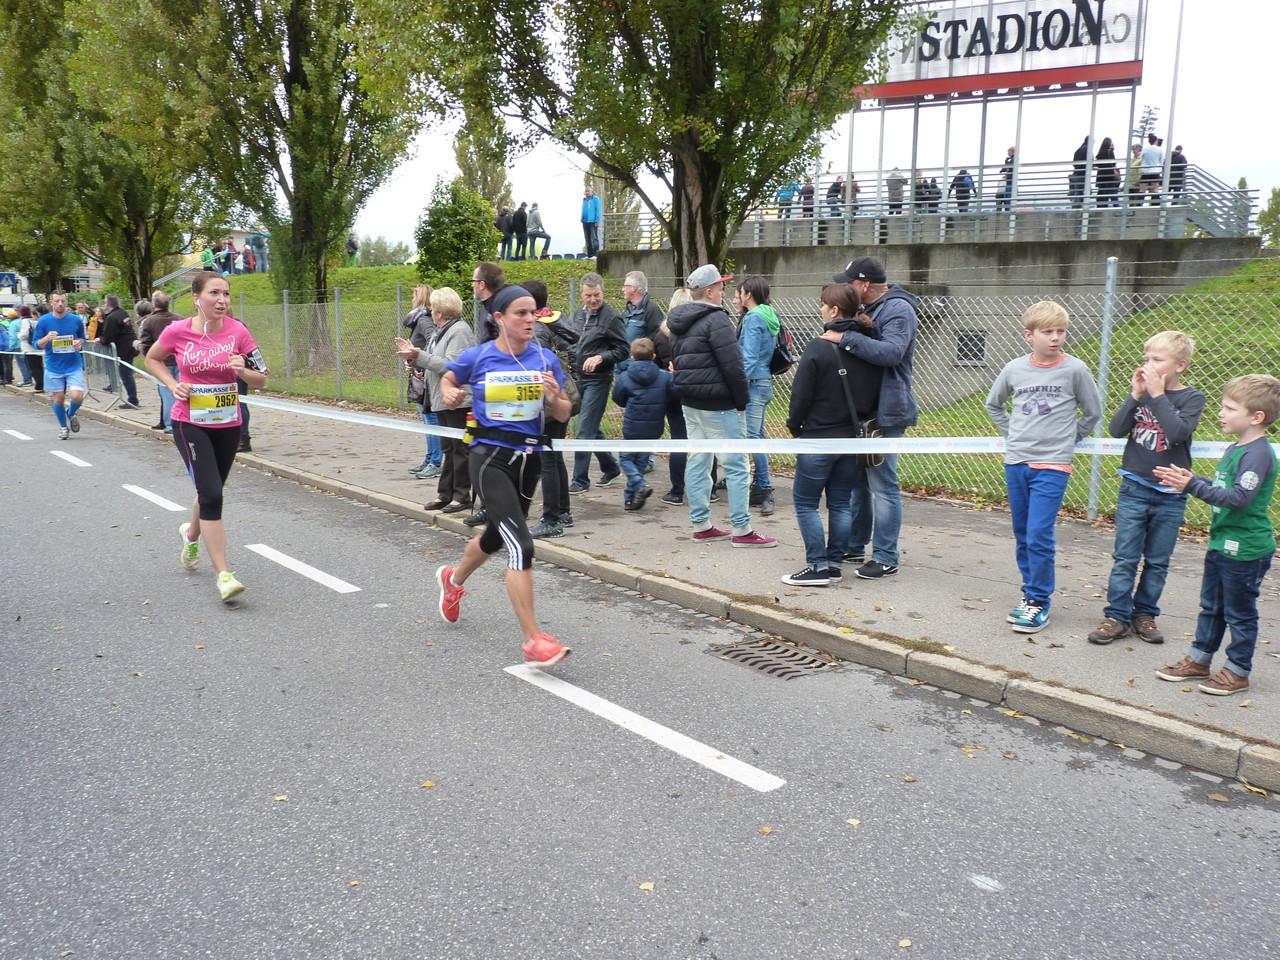 Carola - Halbmarathon in 1:42:00